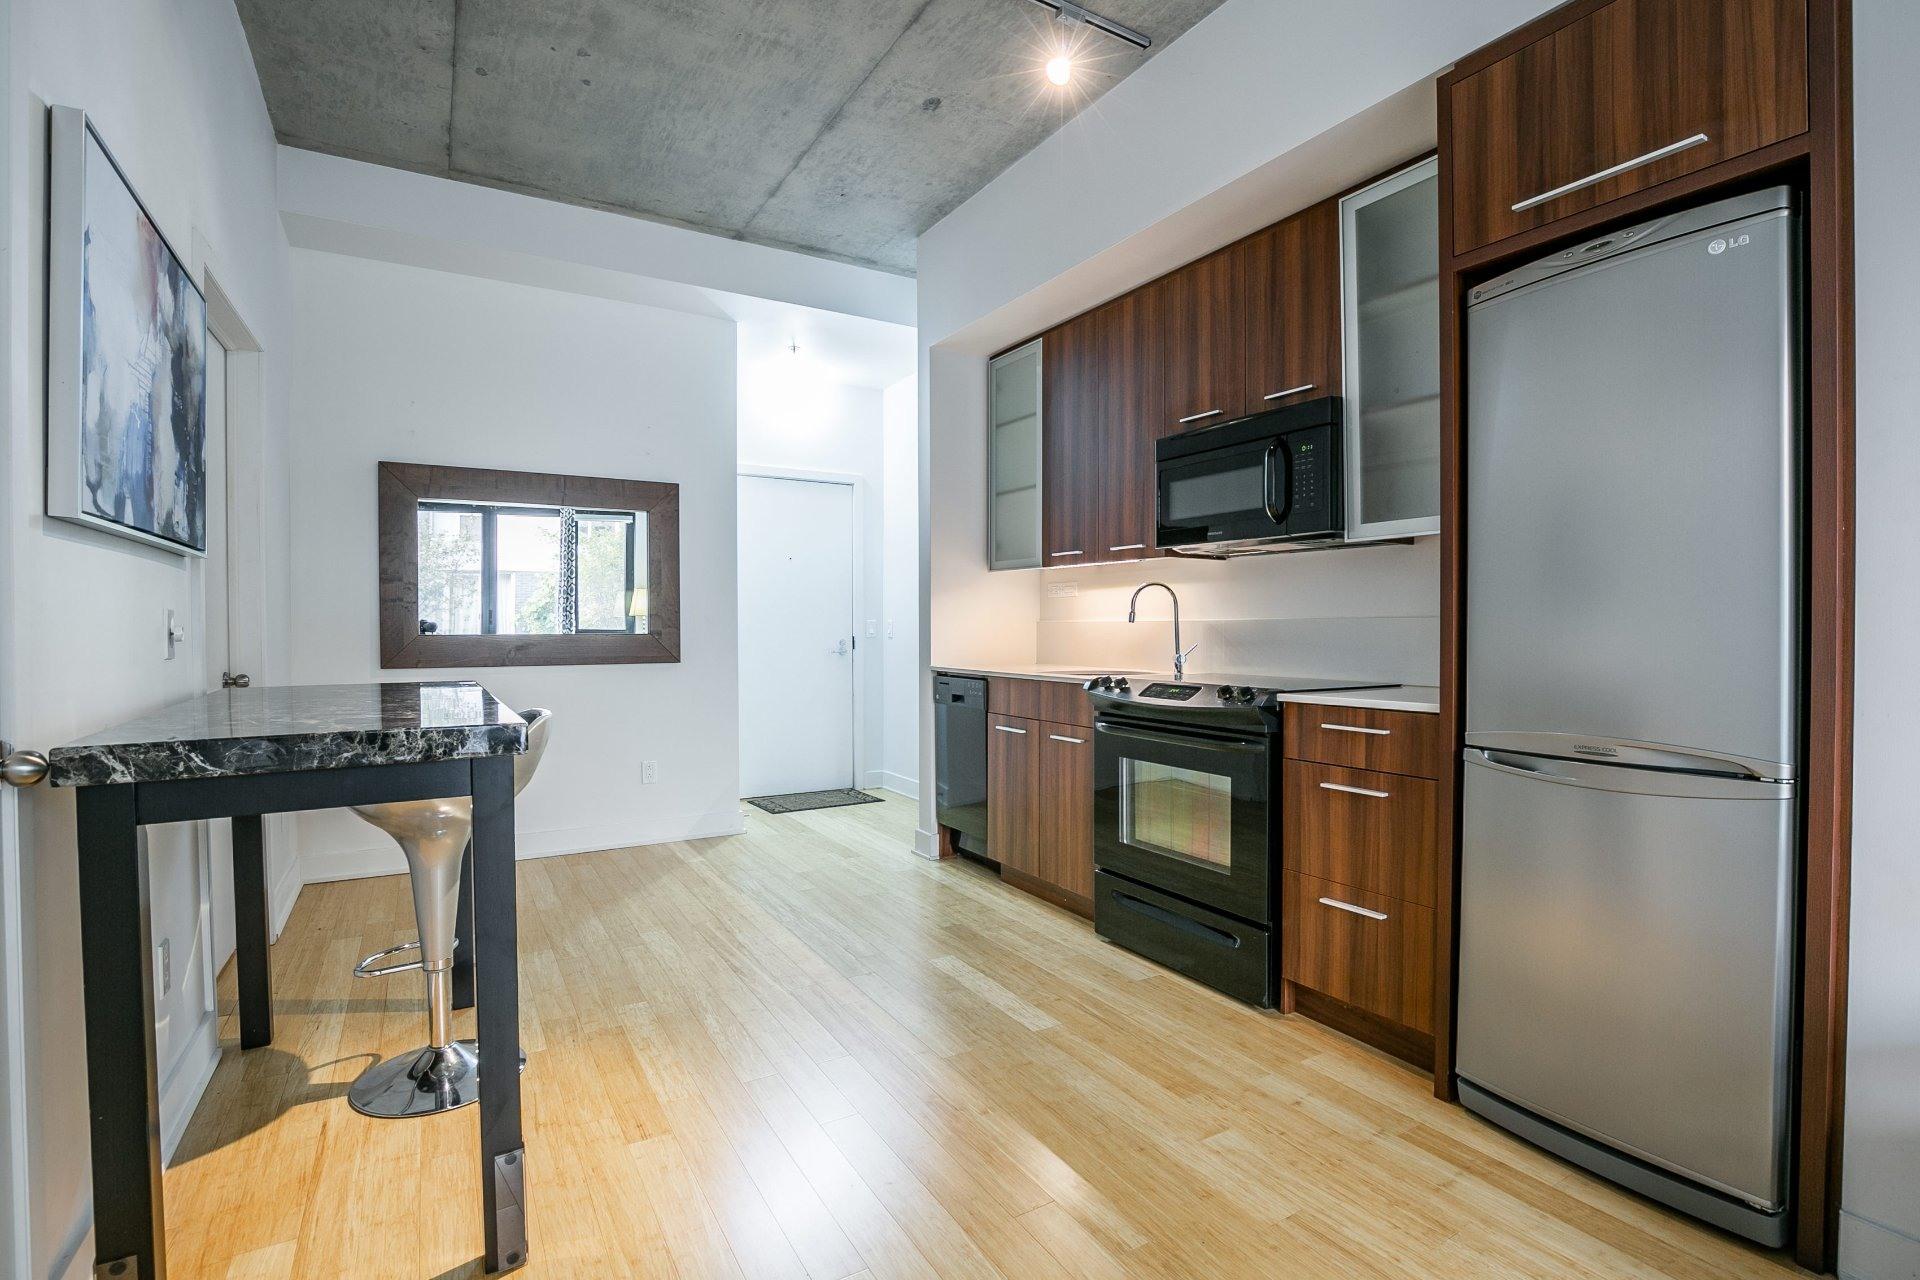 image 3 - Appartement À vendre Le Sud-Ouest Montréal  - 4 pièces